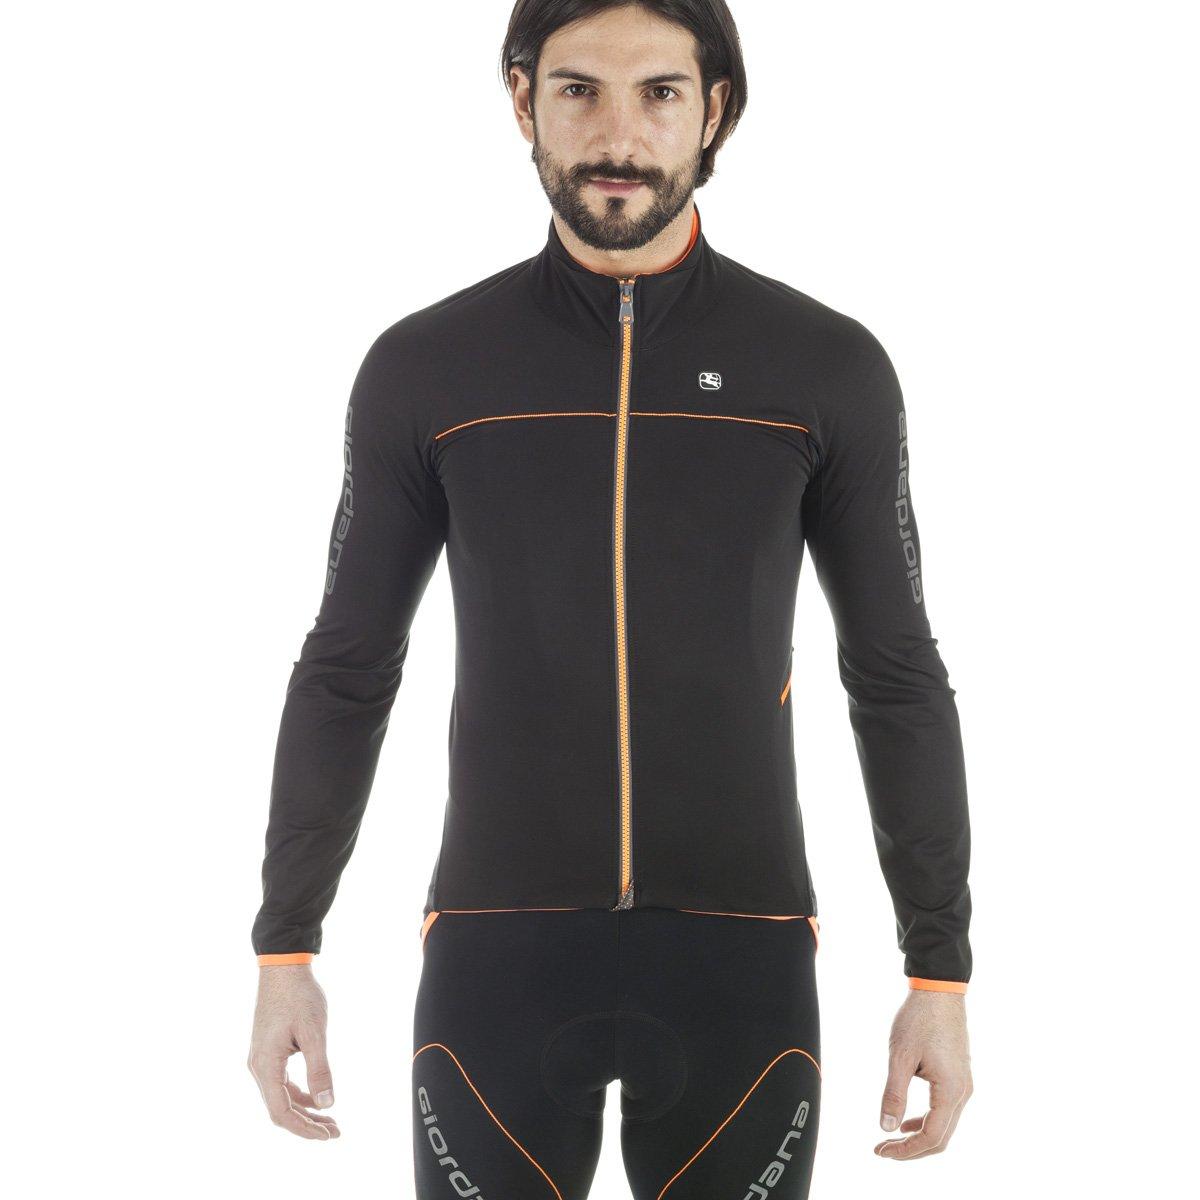 Giordana 2016/17 メンズ Aqua Vento 200 サイクリングジャケット - GICW16-JCKT-A200 B01MQD6NCO Large|ブラック/オレンジ ブラック/オレンジ Large